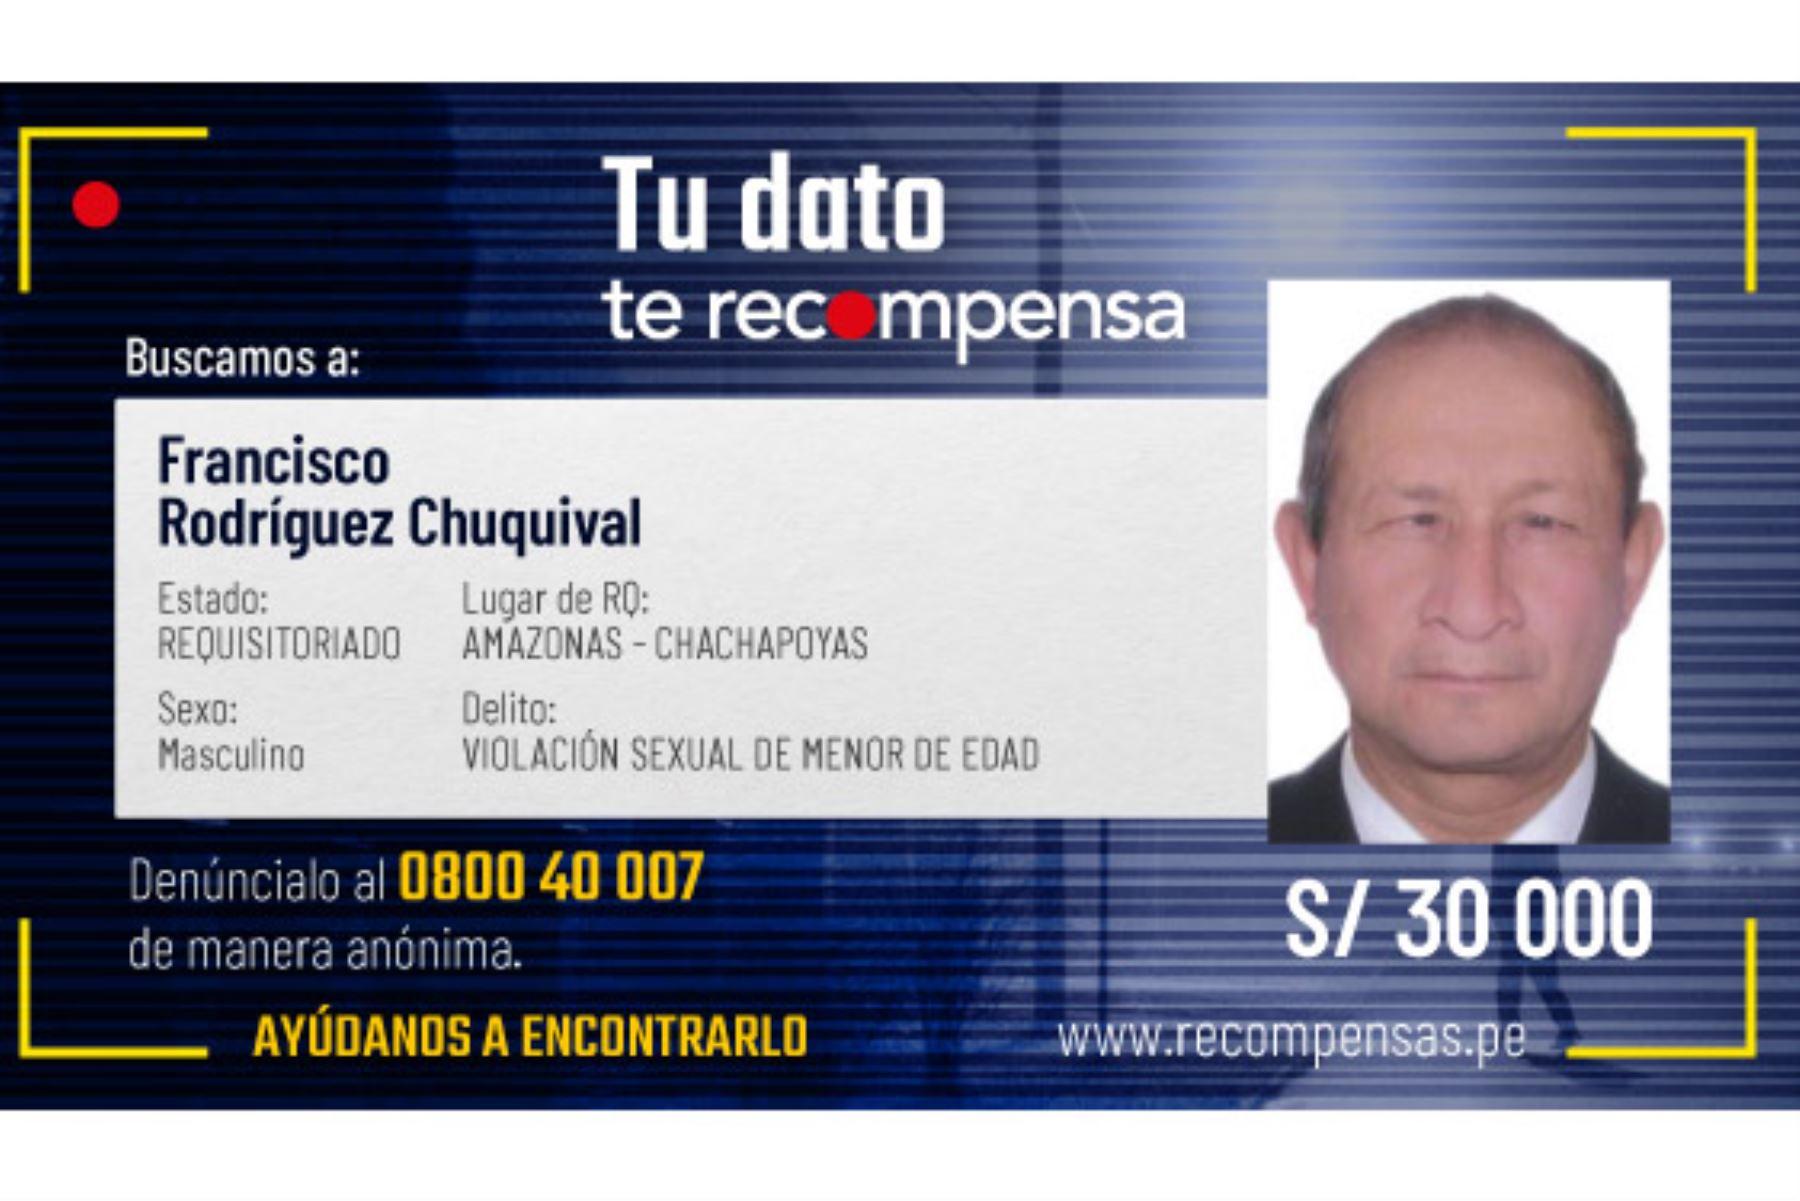 Francisco Rodríguez Chuquival (67) y Moisés Catpo Vallejos (78) tienen órdenes de captura, acusados de haber ultrajado a menores de edad. Foto: ANDINA/Mininter